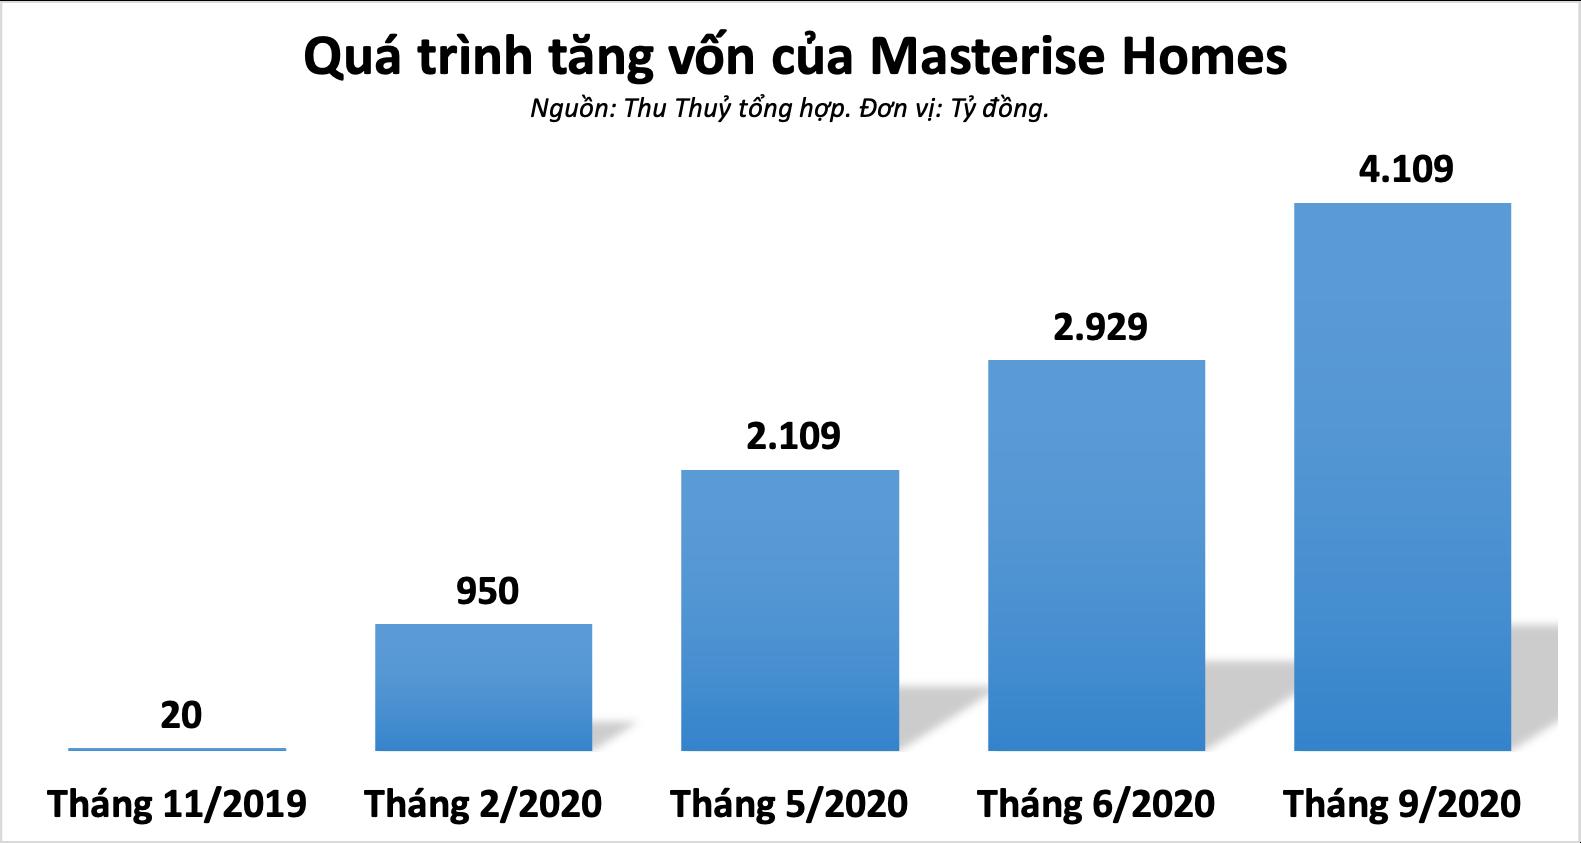 Masterise Homes tăng vốn thần tốc trong một năm, thực hiện loạt dự án mua lại từ Vinhomes - Ảnh 3.